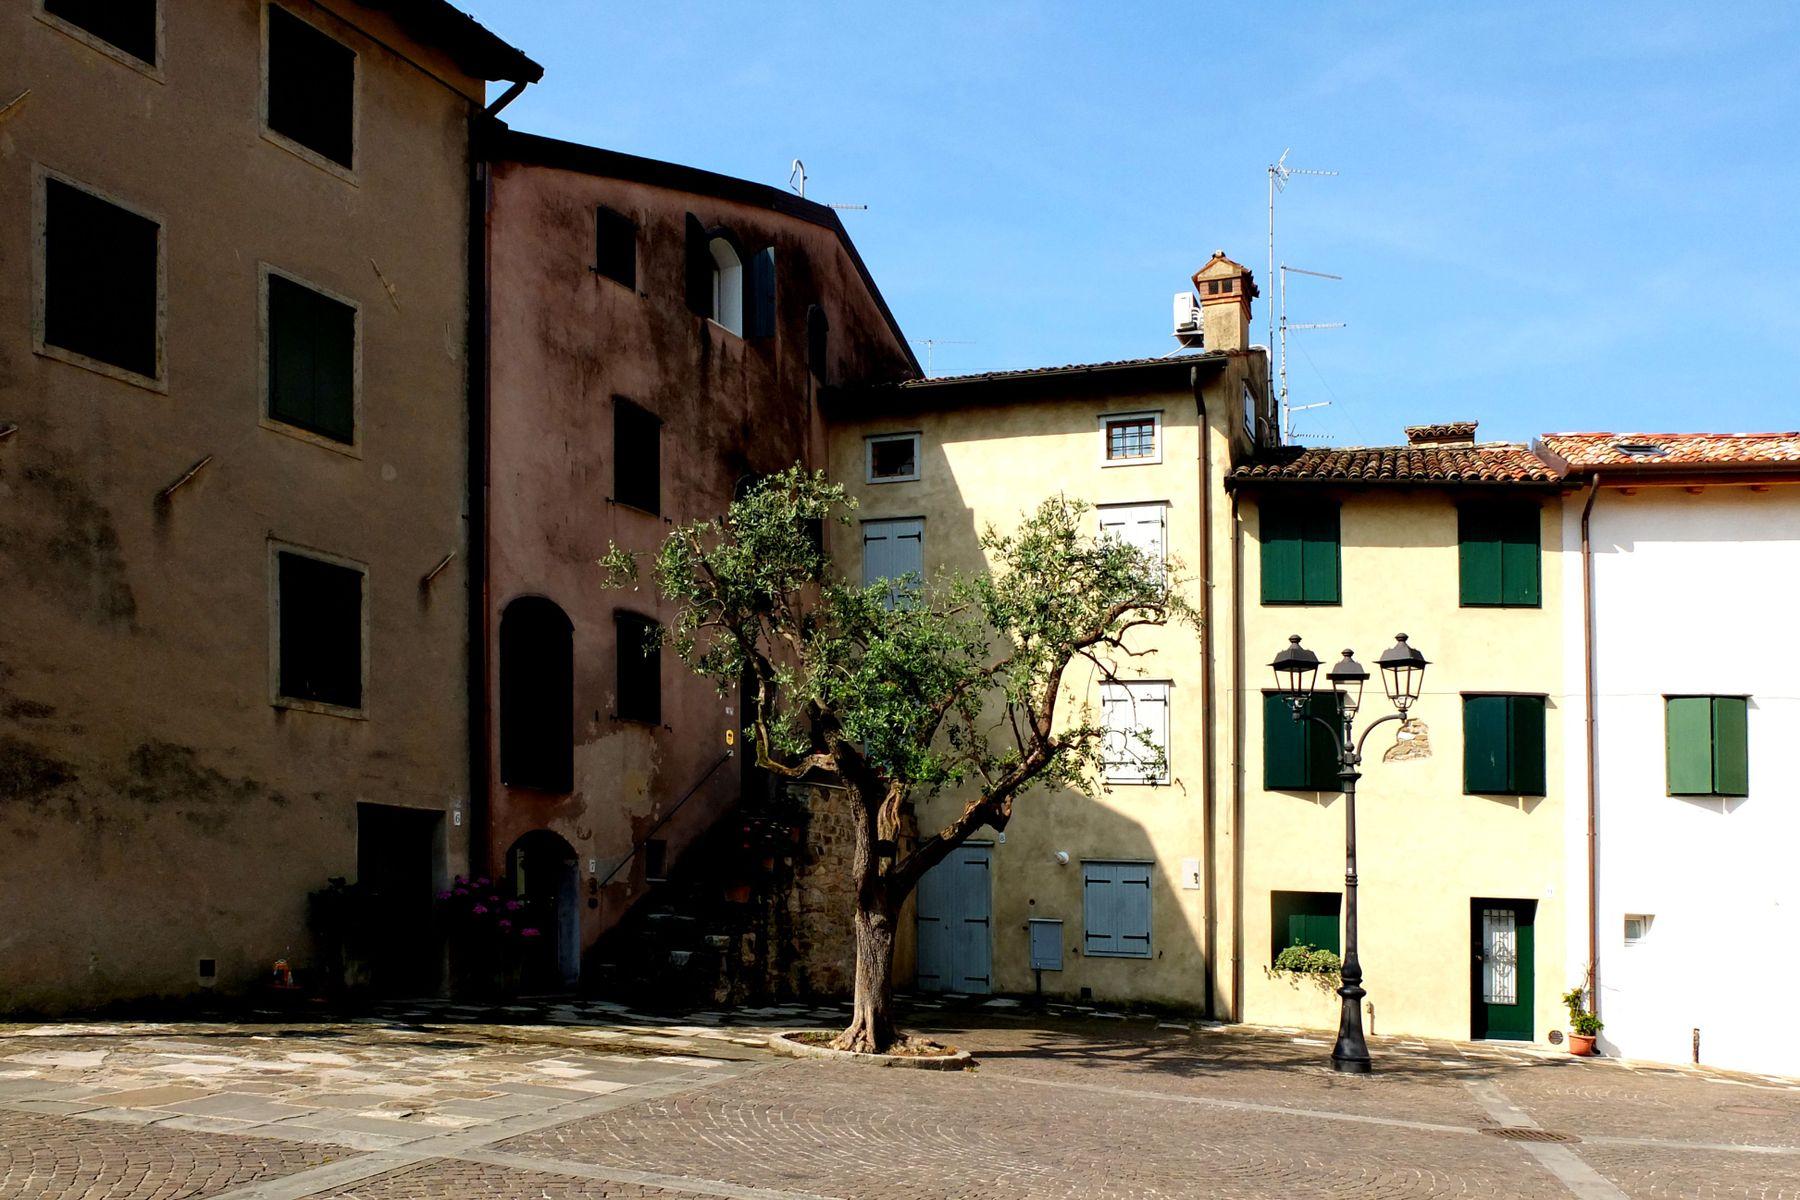 Italian ambience Grado, Italy